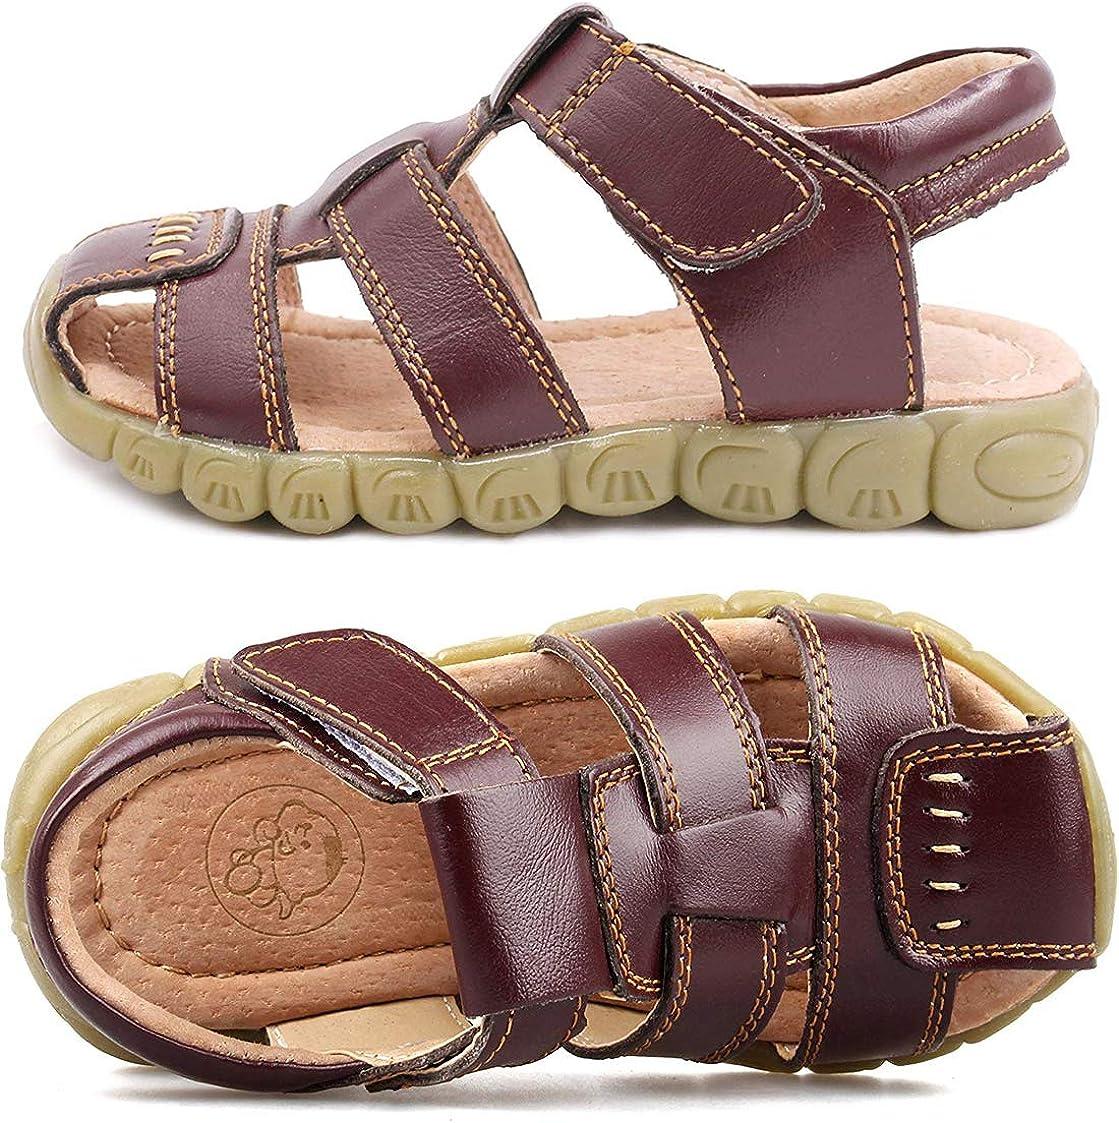 Gaatpot Enfant Sandales et Nu-Pieds en Cuir B/éb/é Chaussure Sandales Bout Ferm/é Chaussure d/ét/é pour Gar/çon Fille 22-34.5 21CN - 36CN